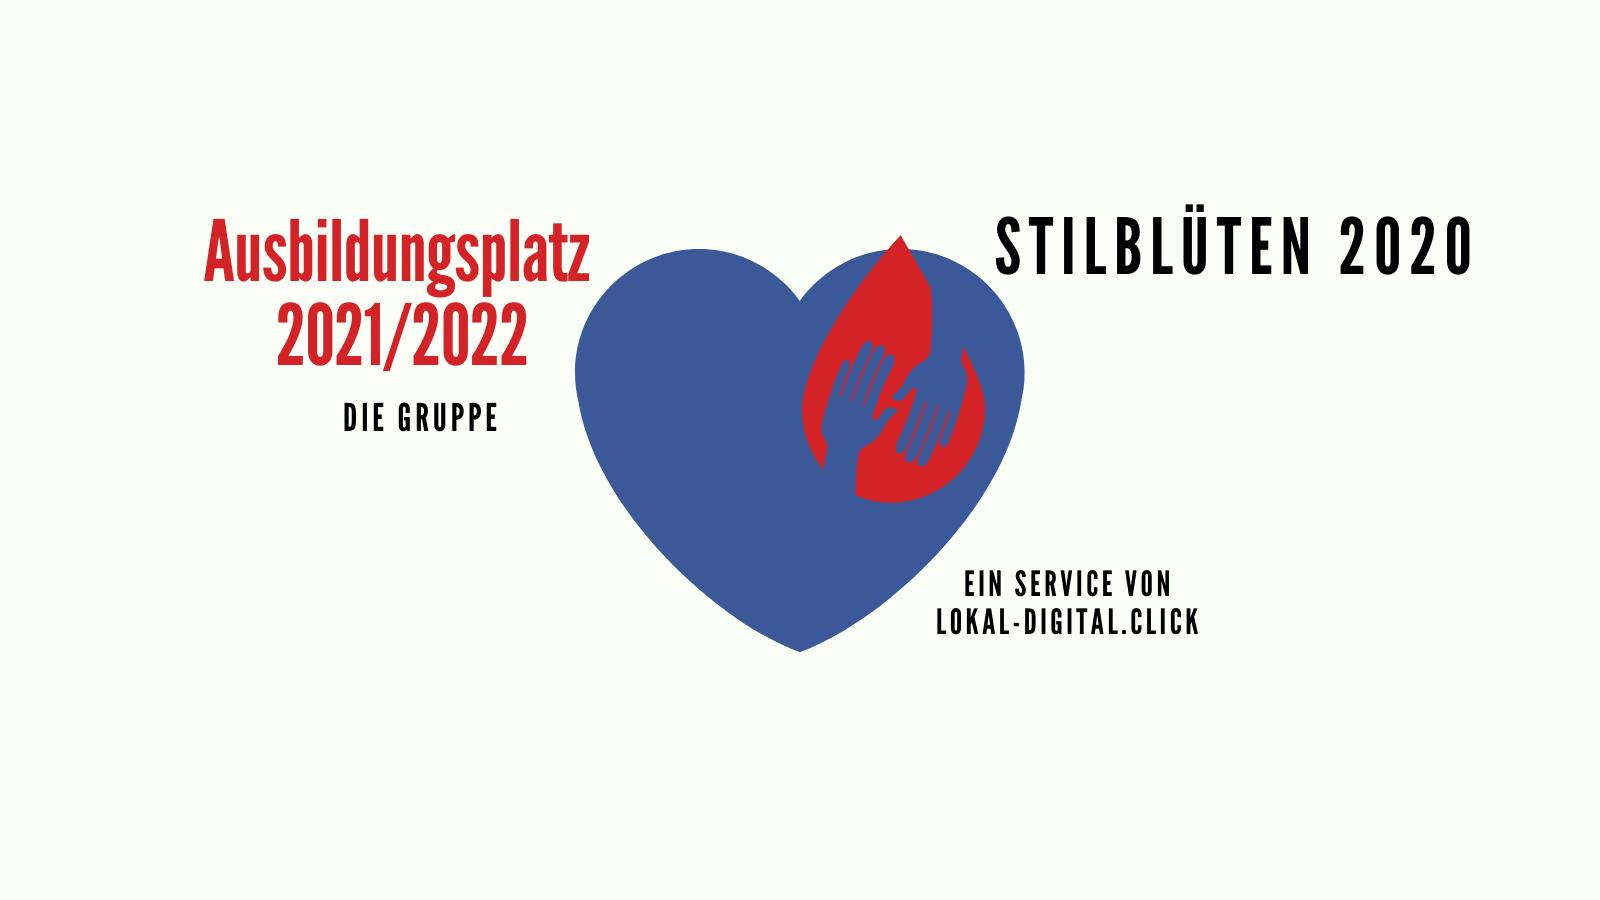 BestOf 2020 - Stilblüten aus der Ausbildungsgruppe